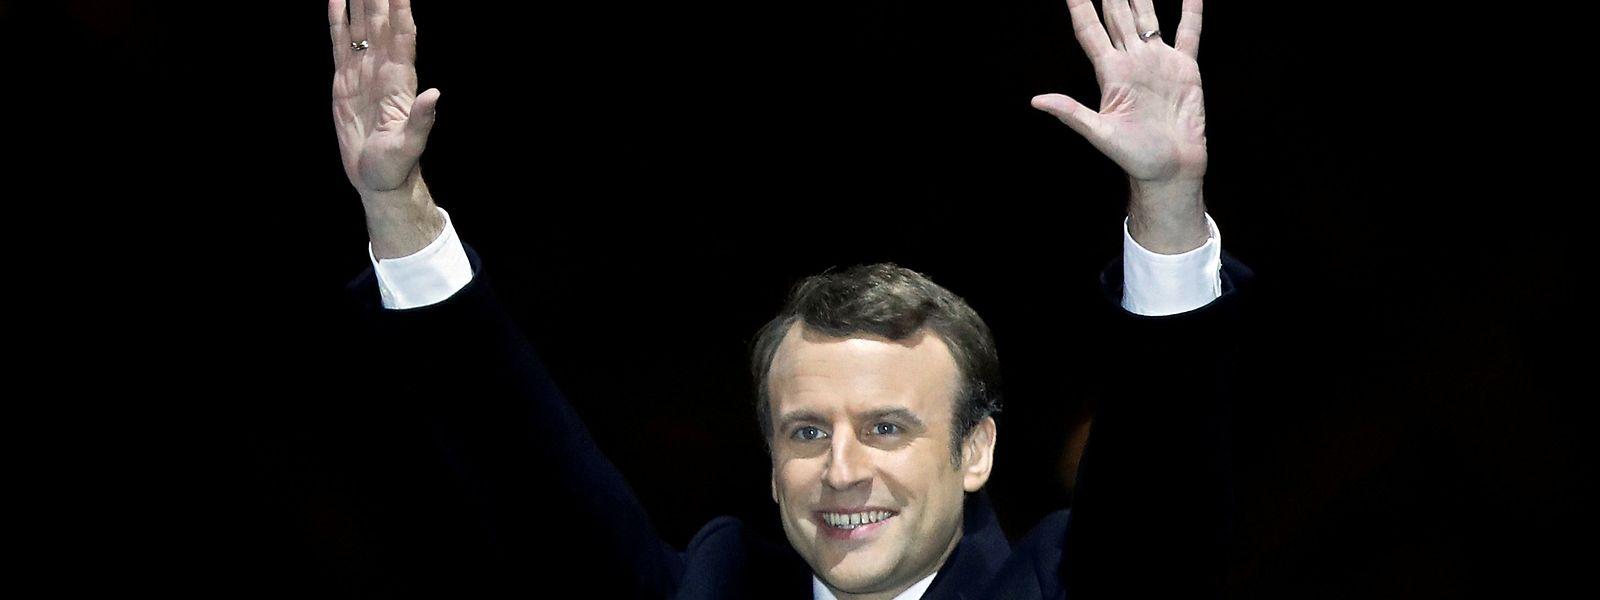 Ob Emmanuel Macron auch nach den Parlamentswahlen jubeln darf?